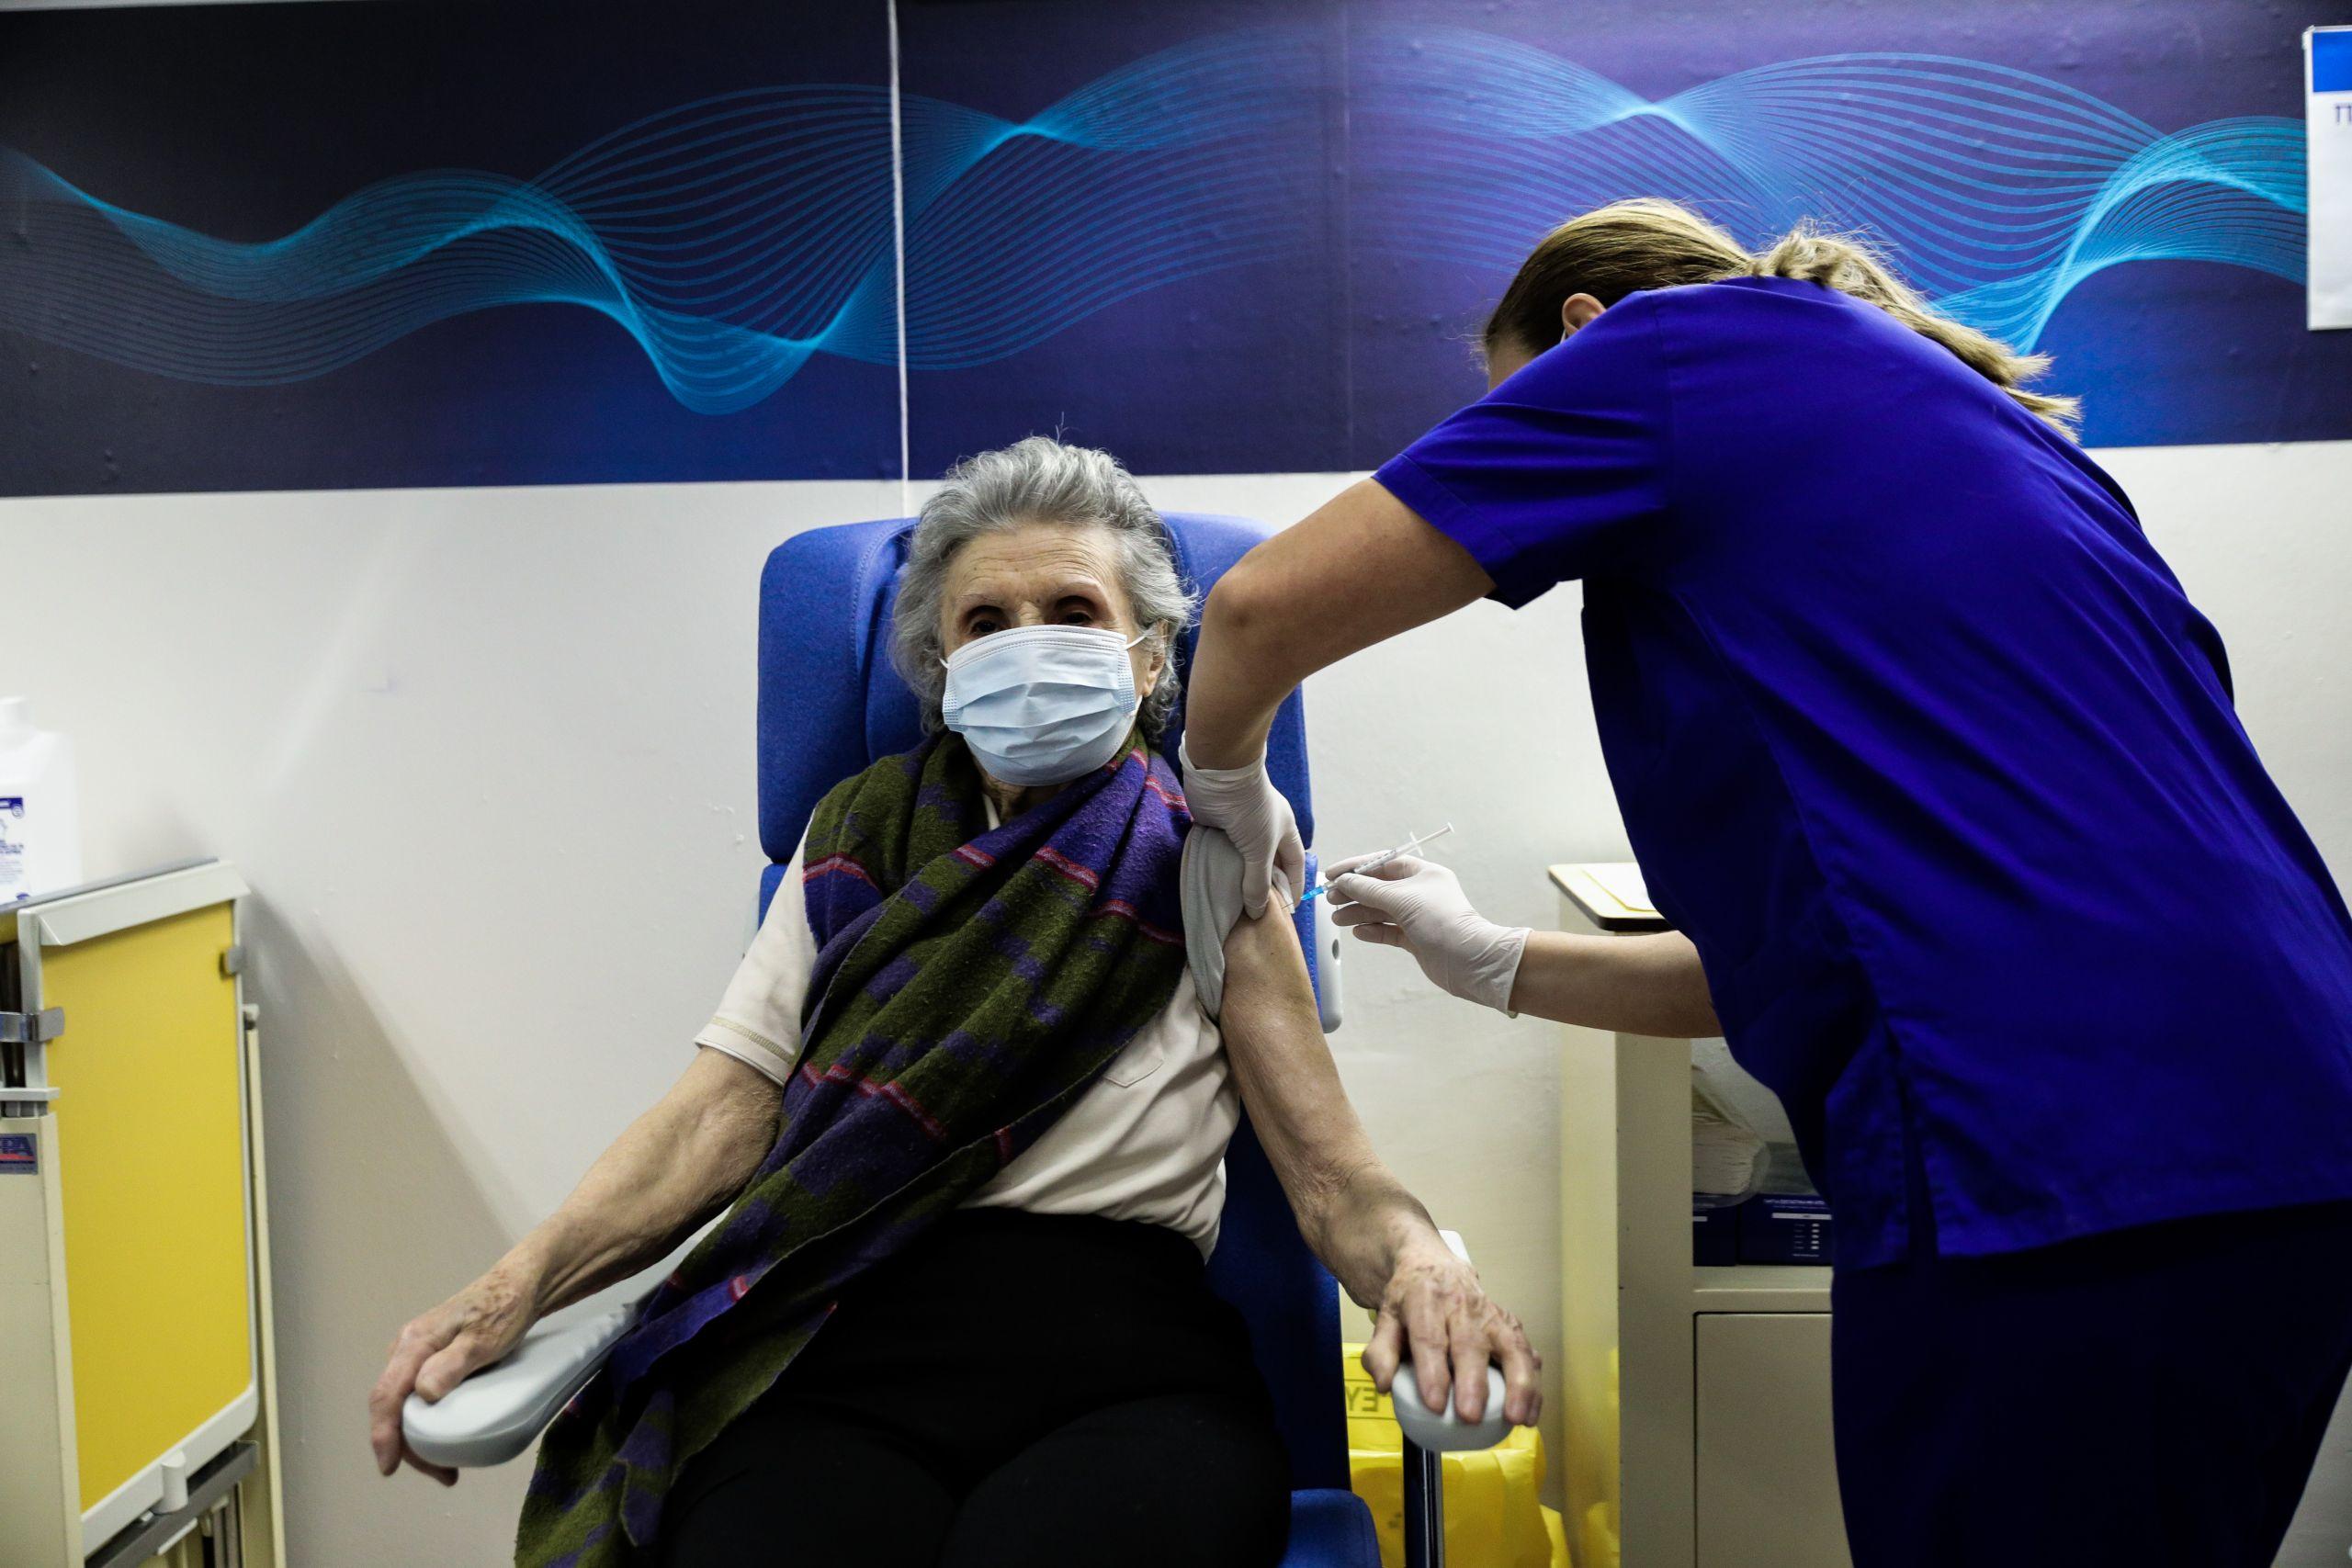 Εμβολιασμοί: Ευπαθείς ομάδες και ηλικίες 70-74 παίρνουν σειρά